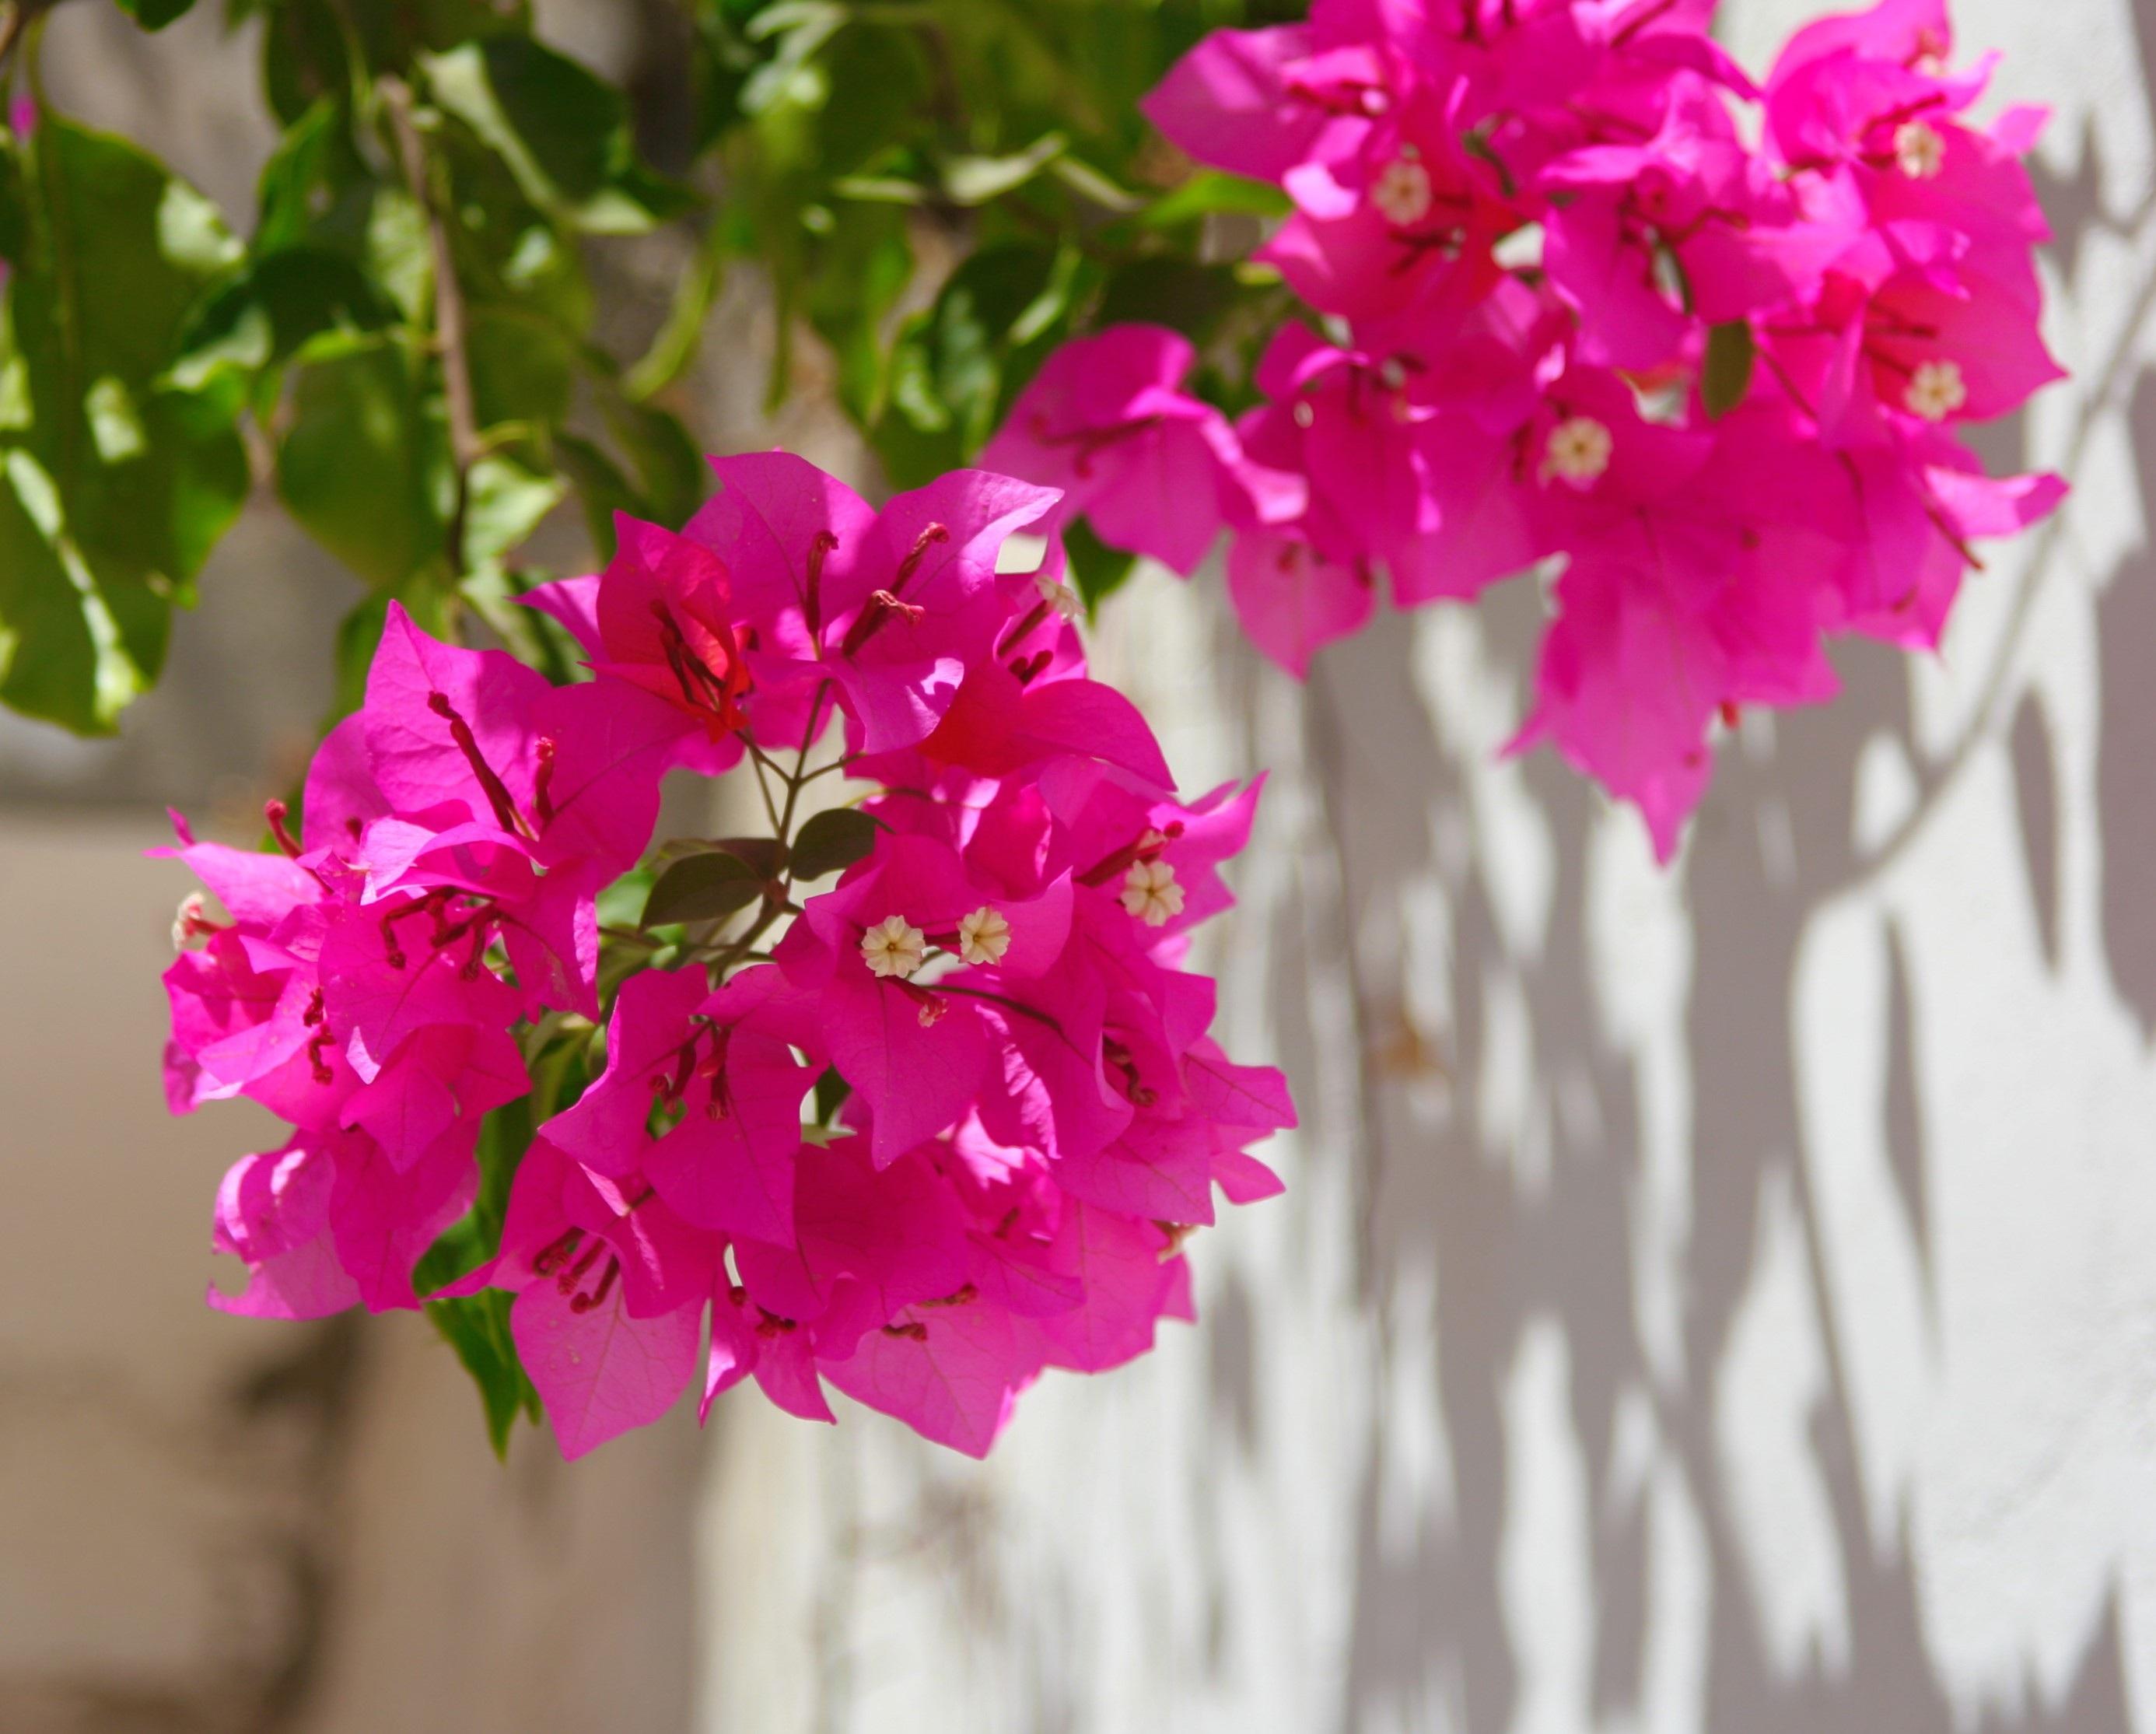 free images blossom leaf flower petal green botany pink